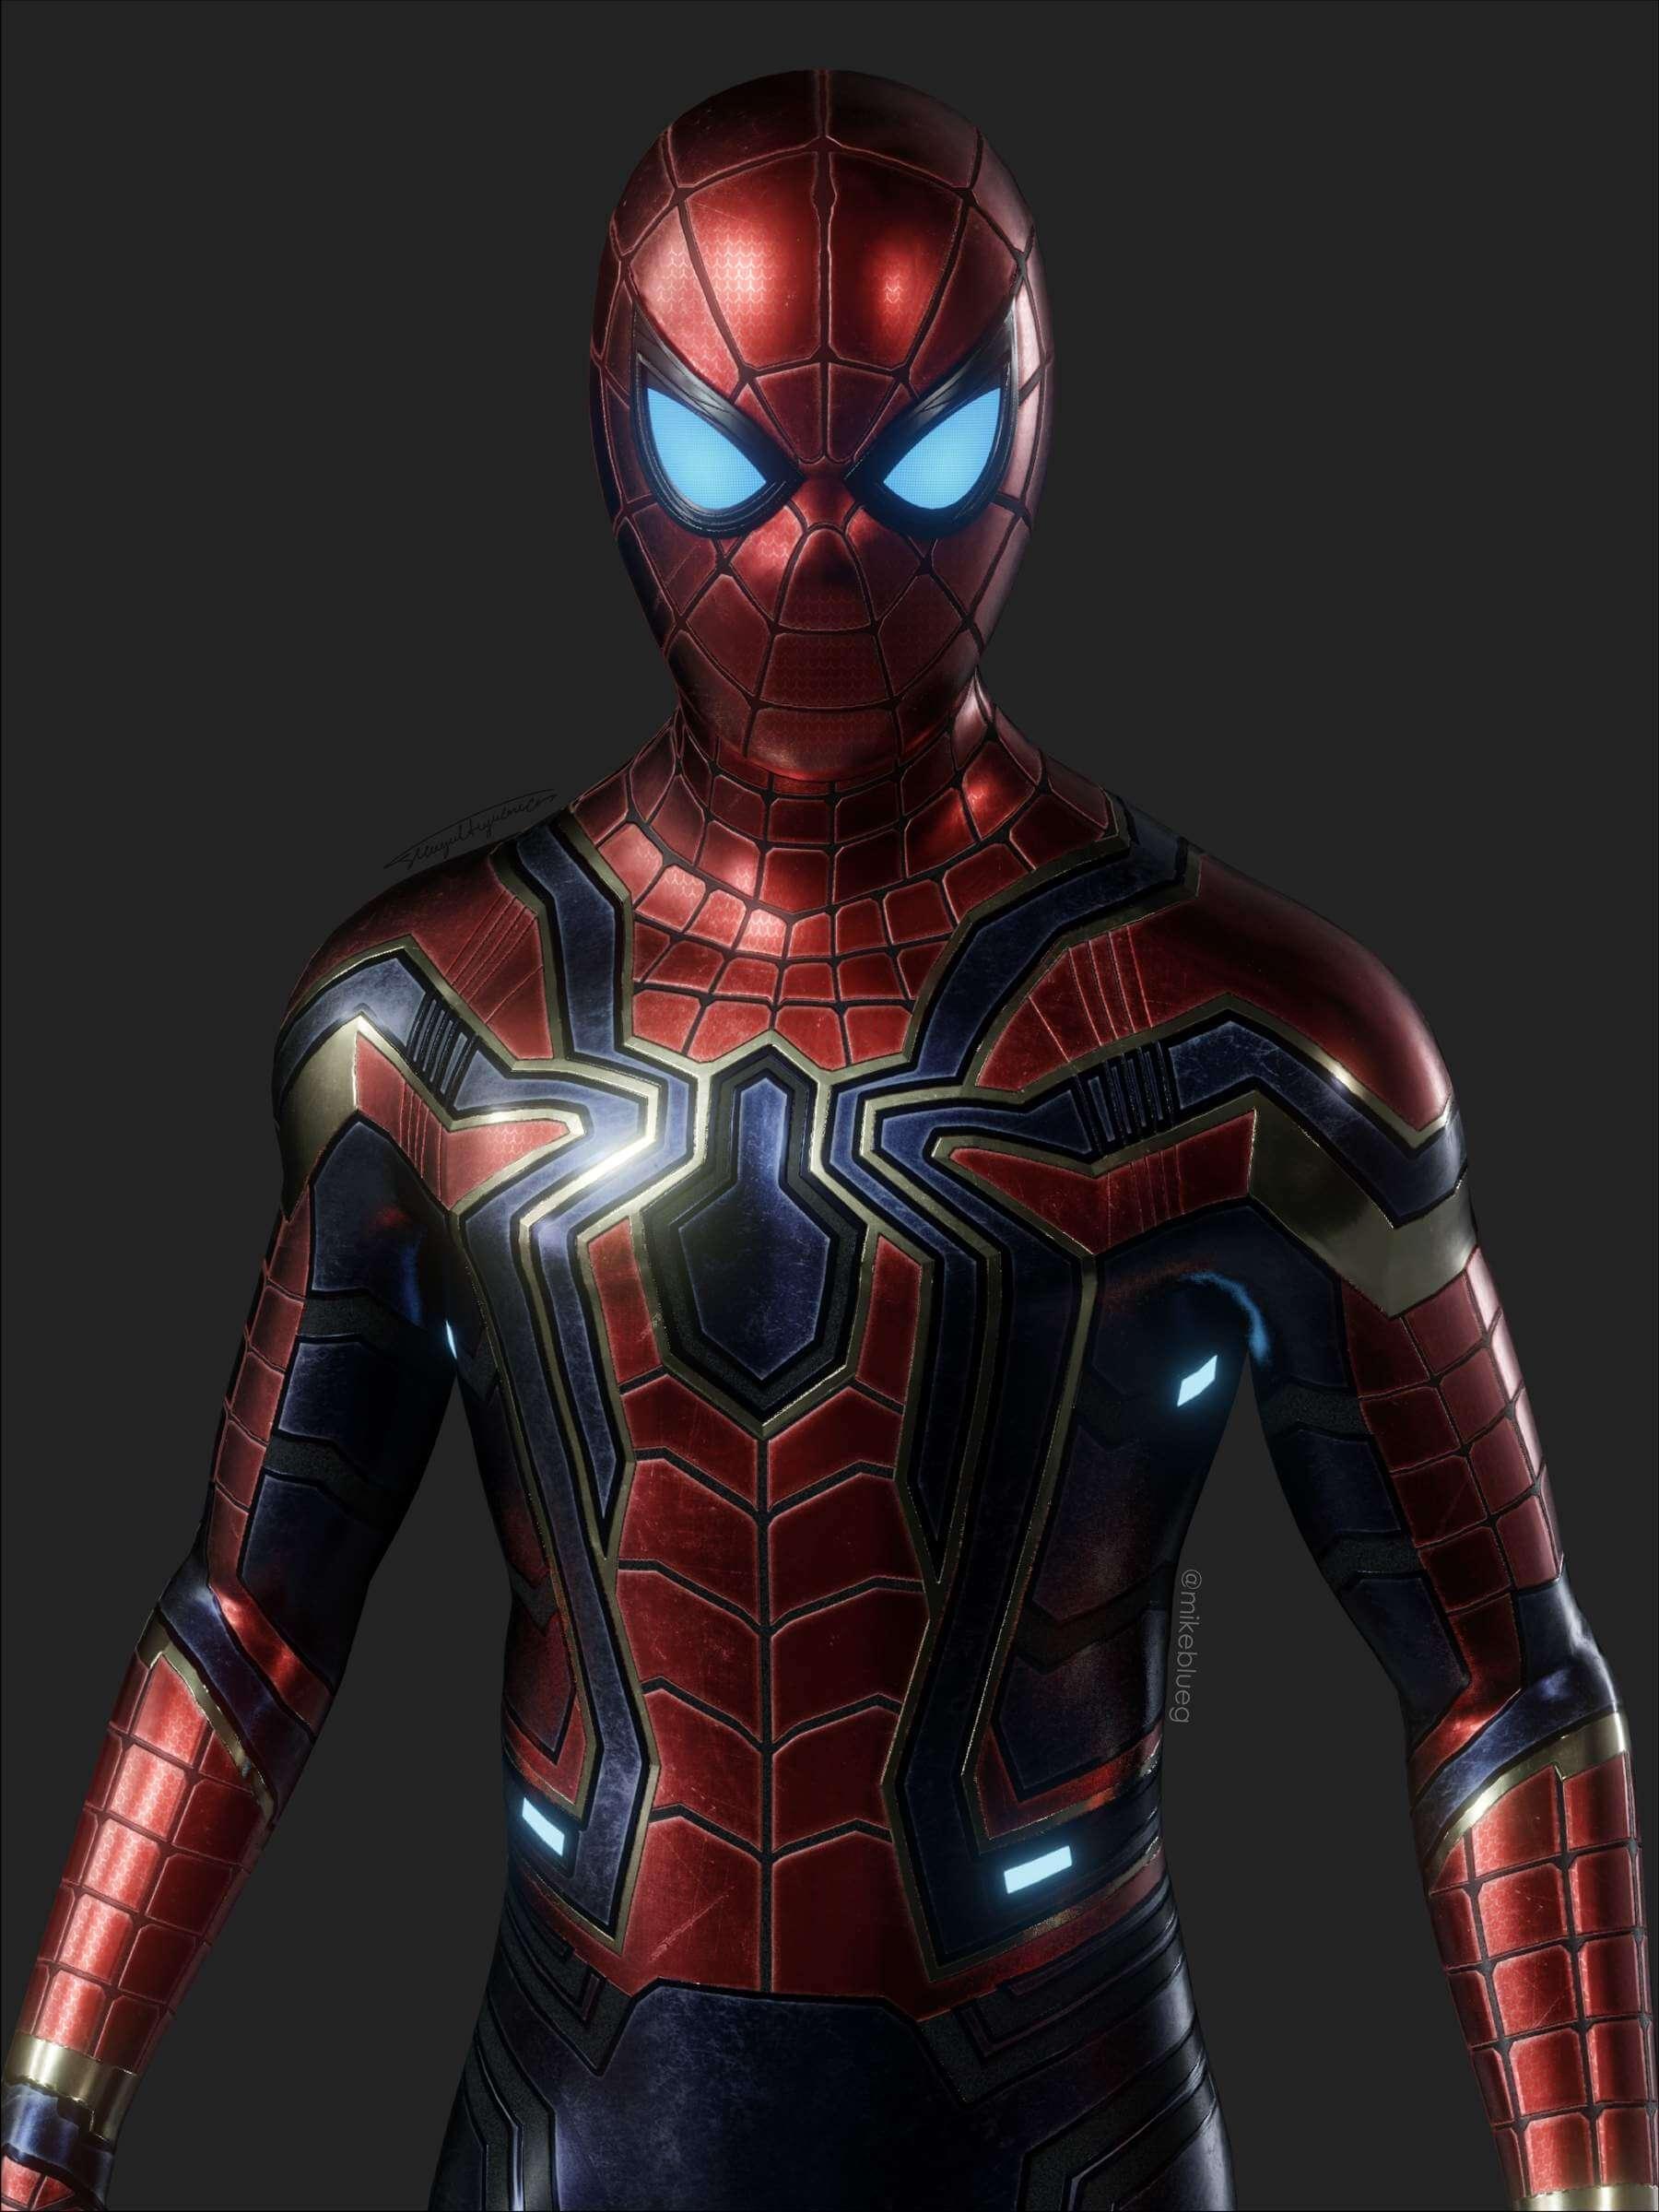 Iron Spider Avengers Suit 3D Model